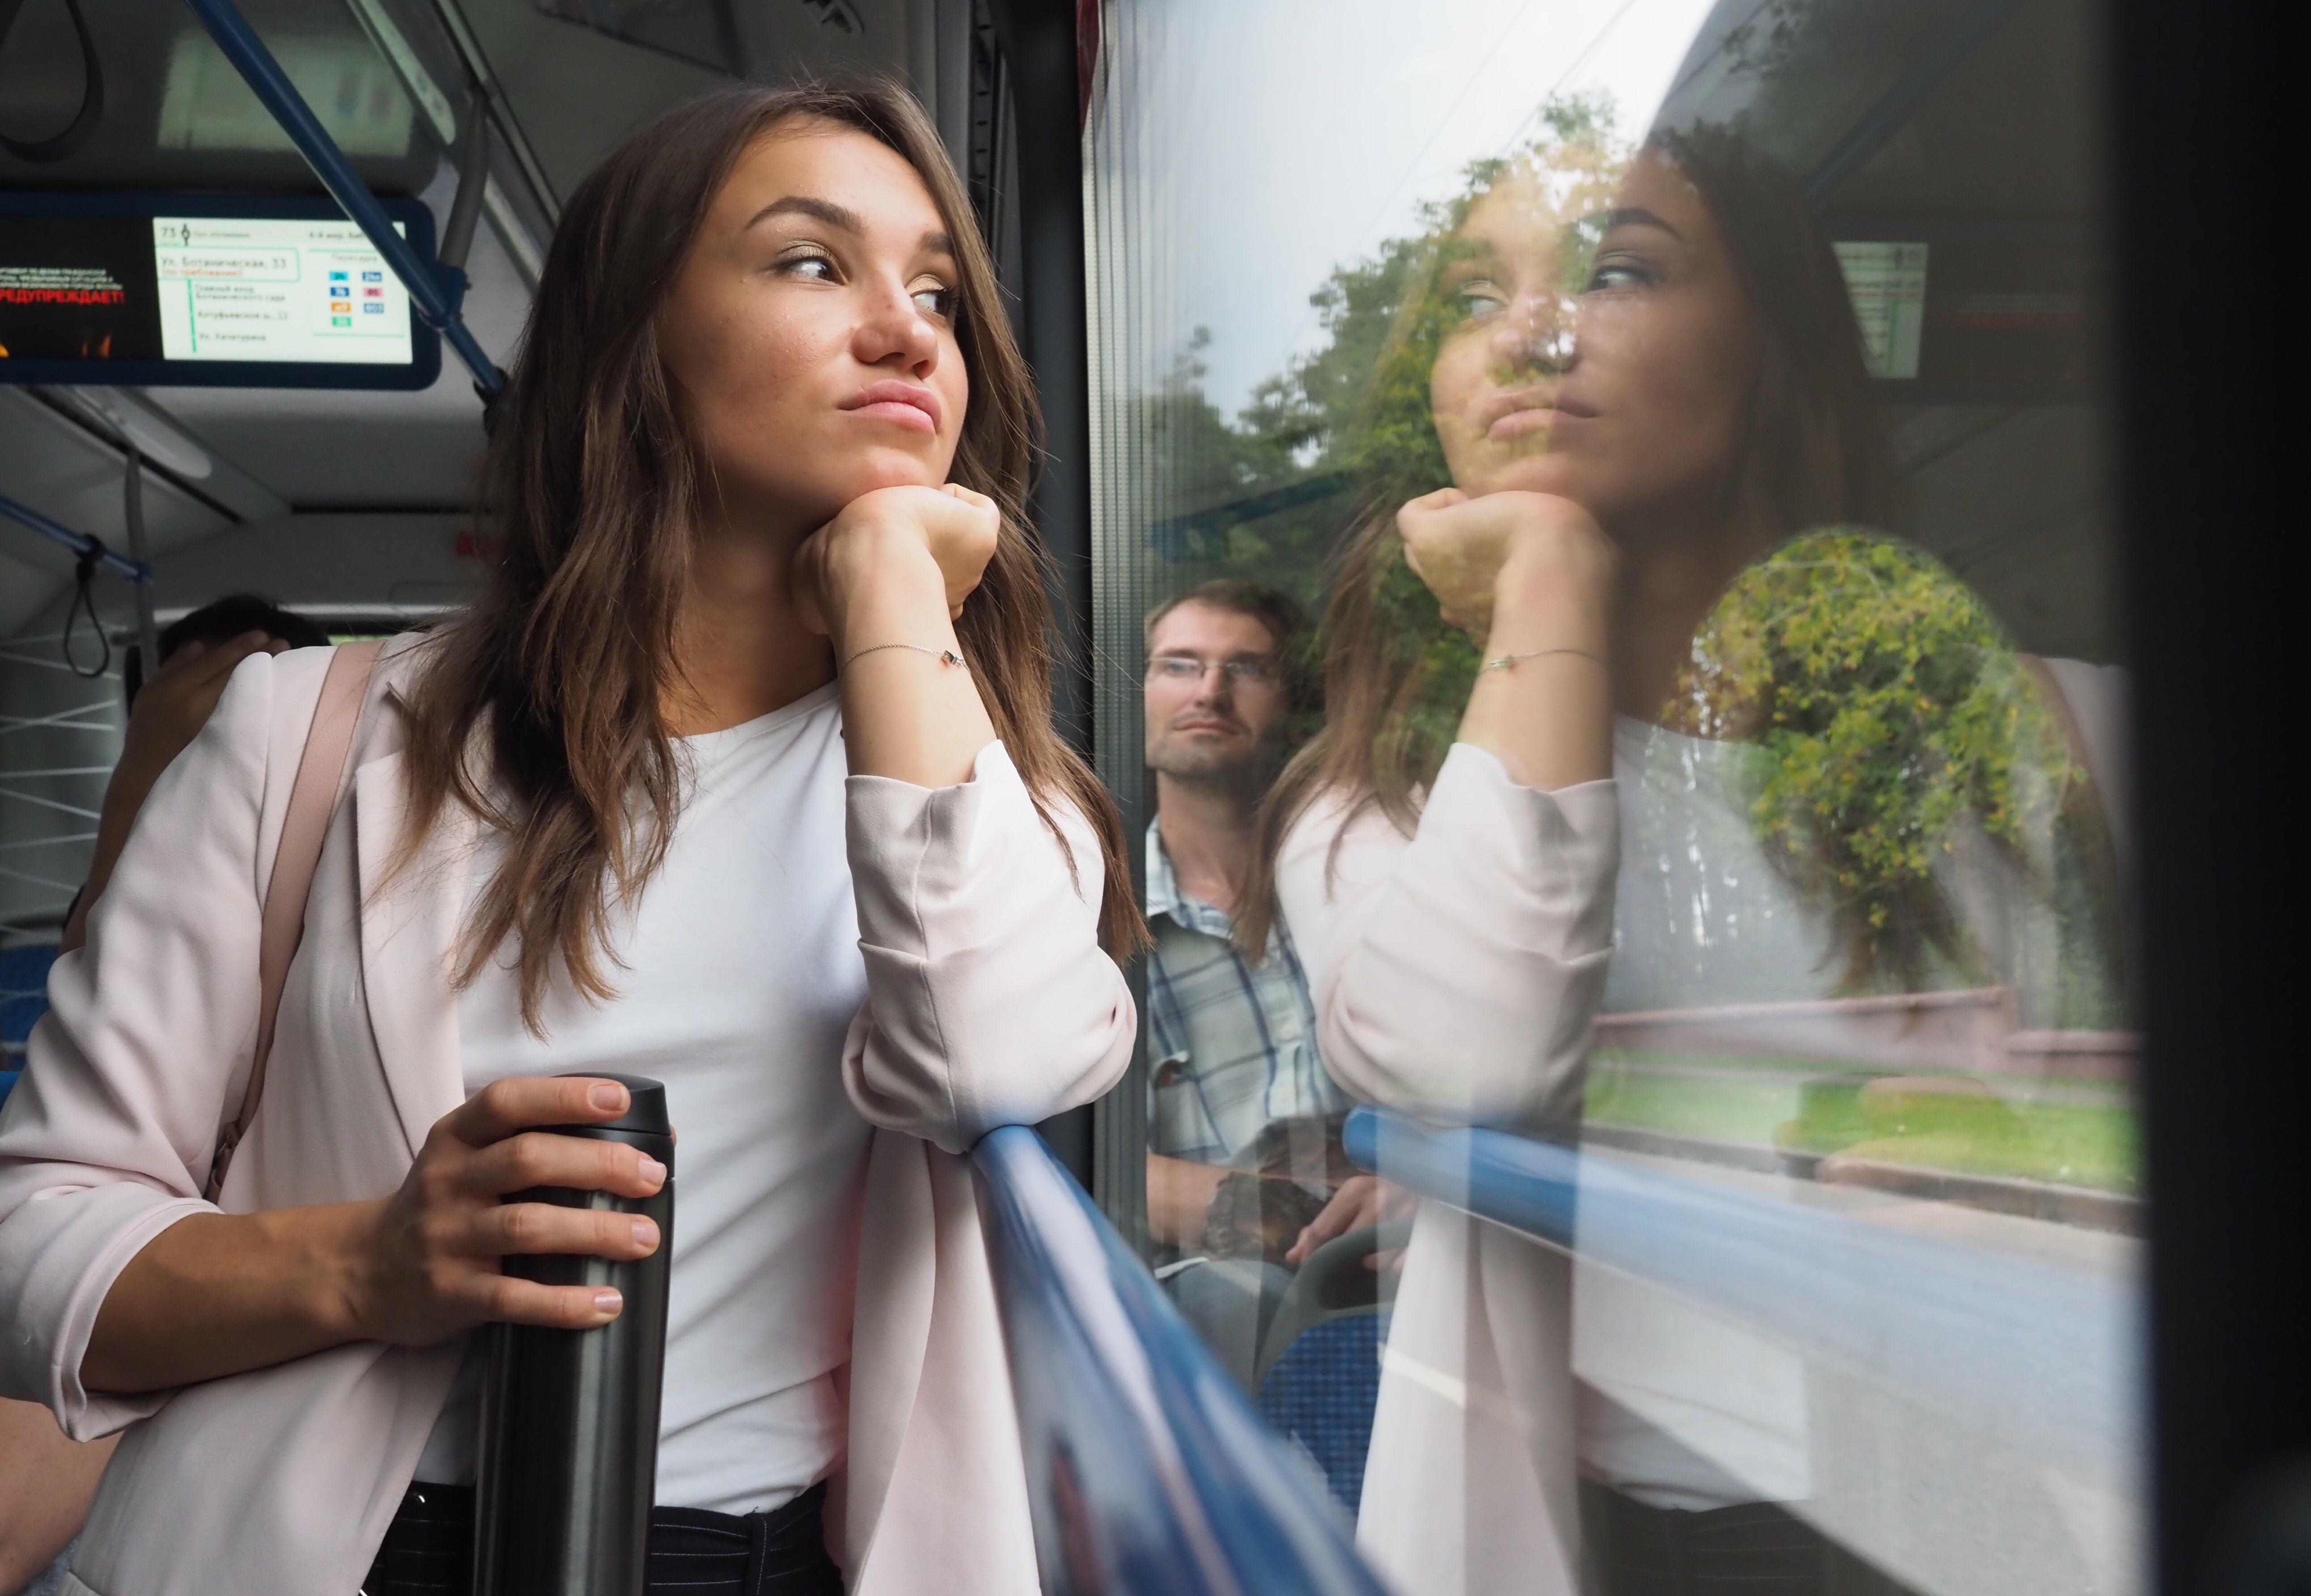 Пассажиропоток на дополнительных маршрутах в Новой Москве увеличился почти до двух миллионов человек